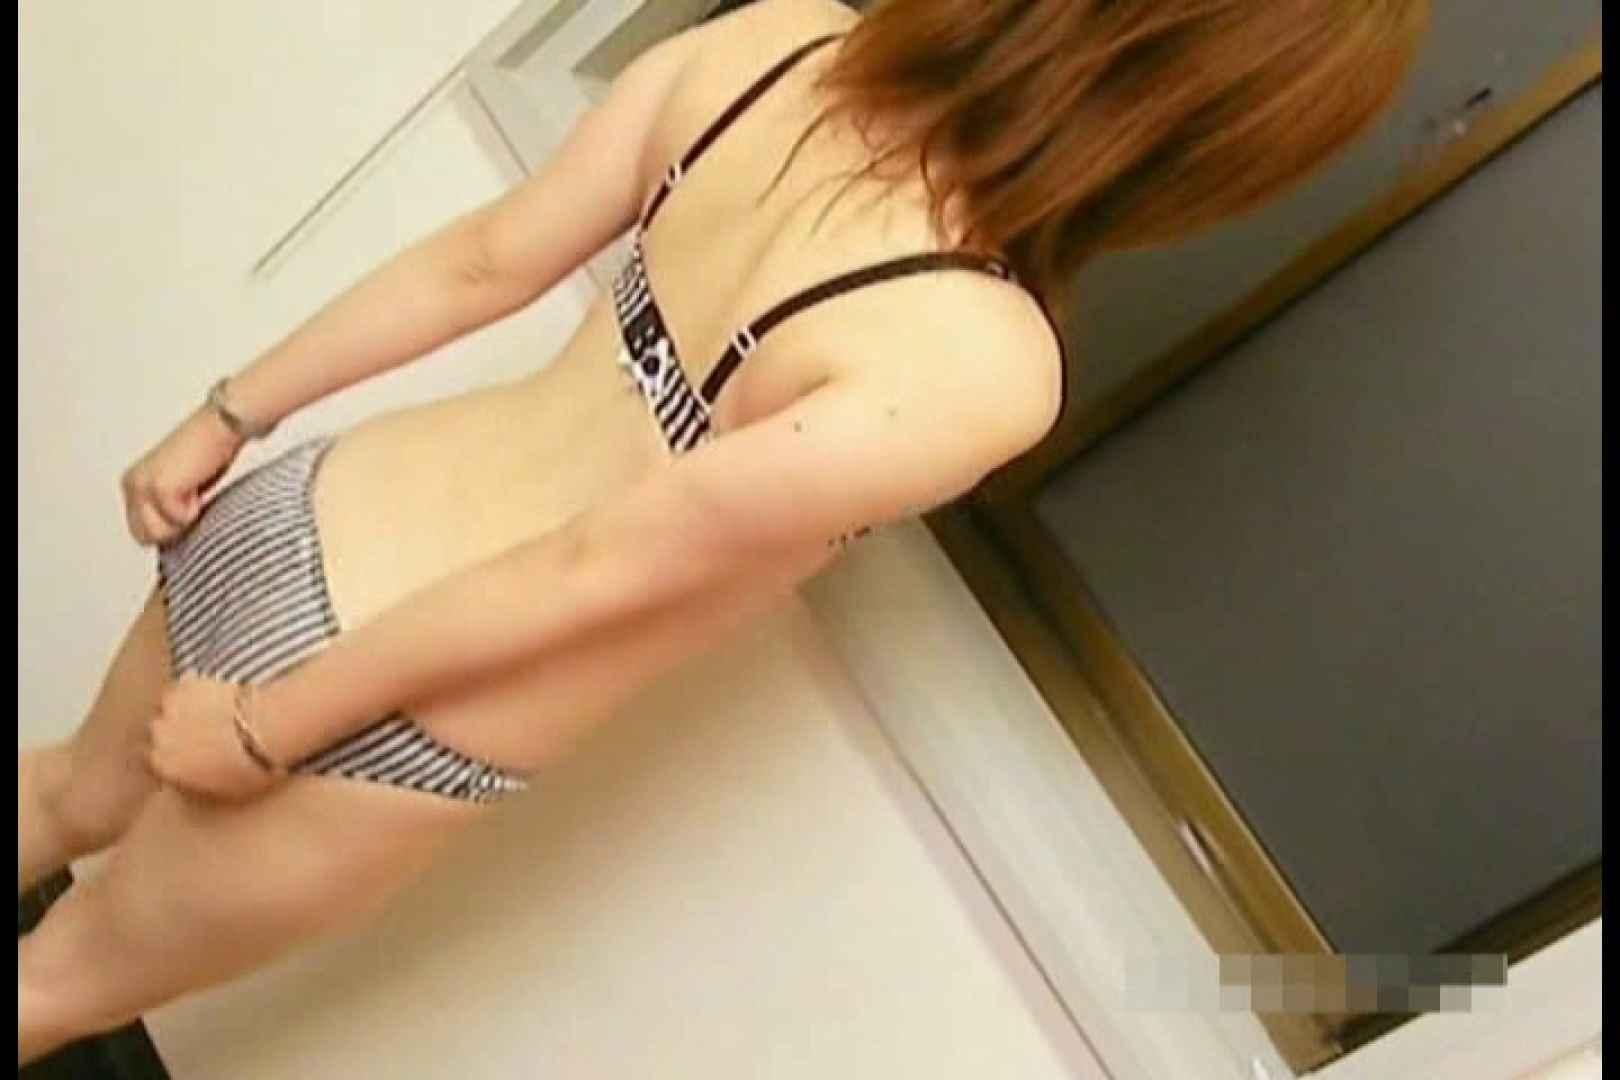 素人撮影 下着だけの撮影のはずが・・・愛22歳 おっぱい おまんこ動画流出 104枚 79